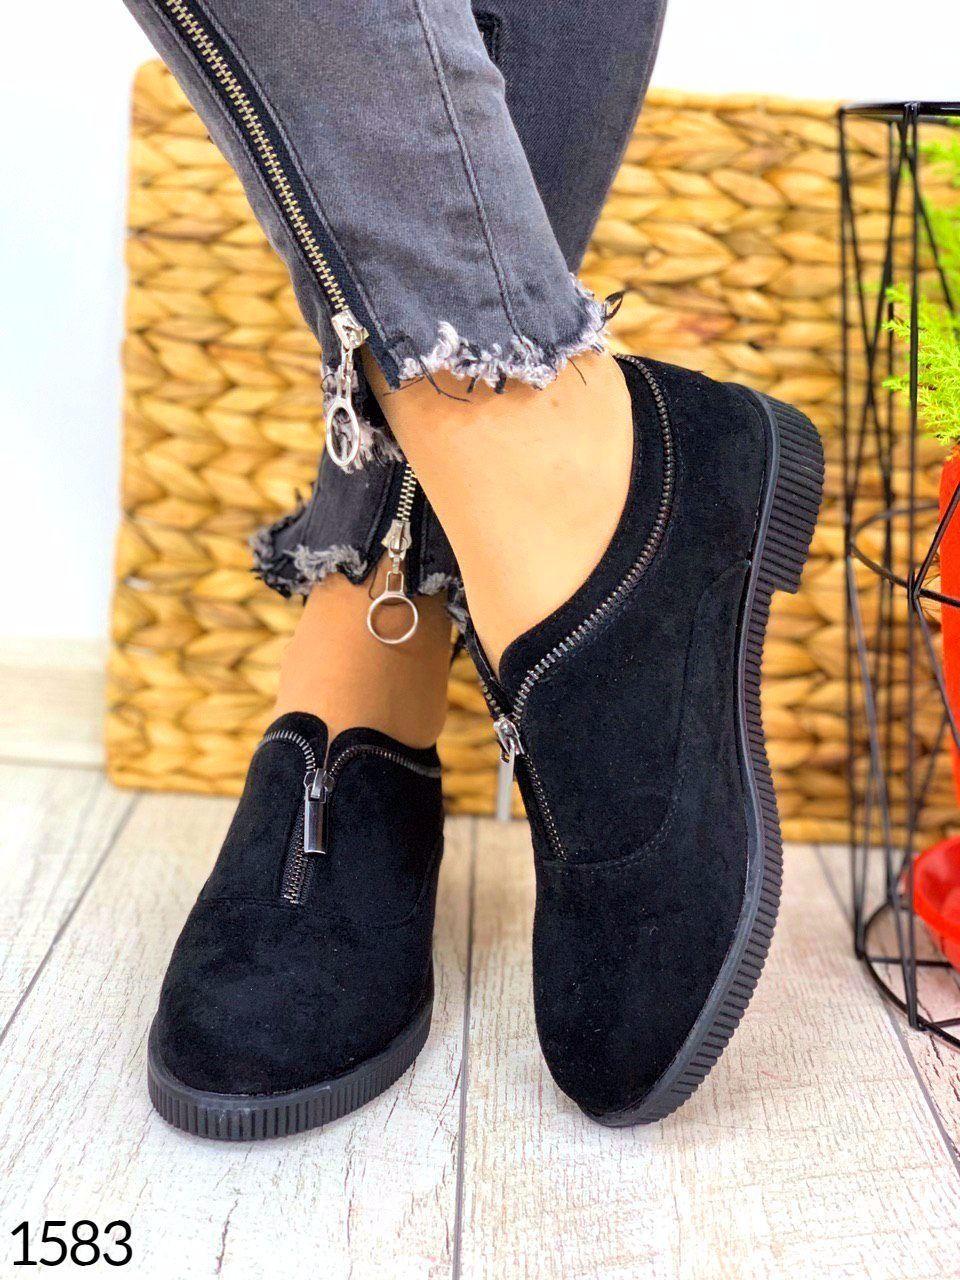 ХИТ ПРОДАЖ!! Туфли женские.. Арт.1583